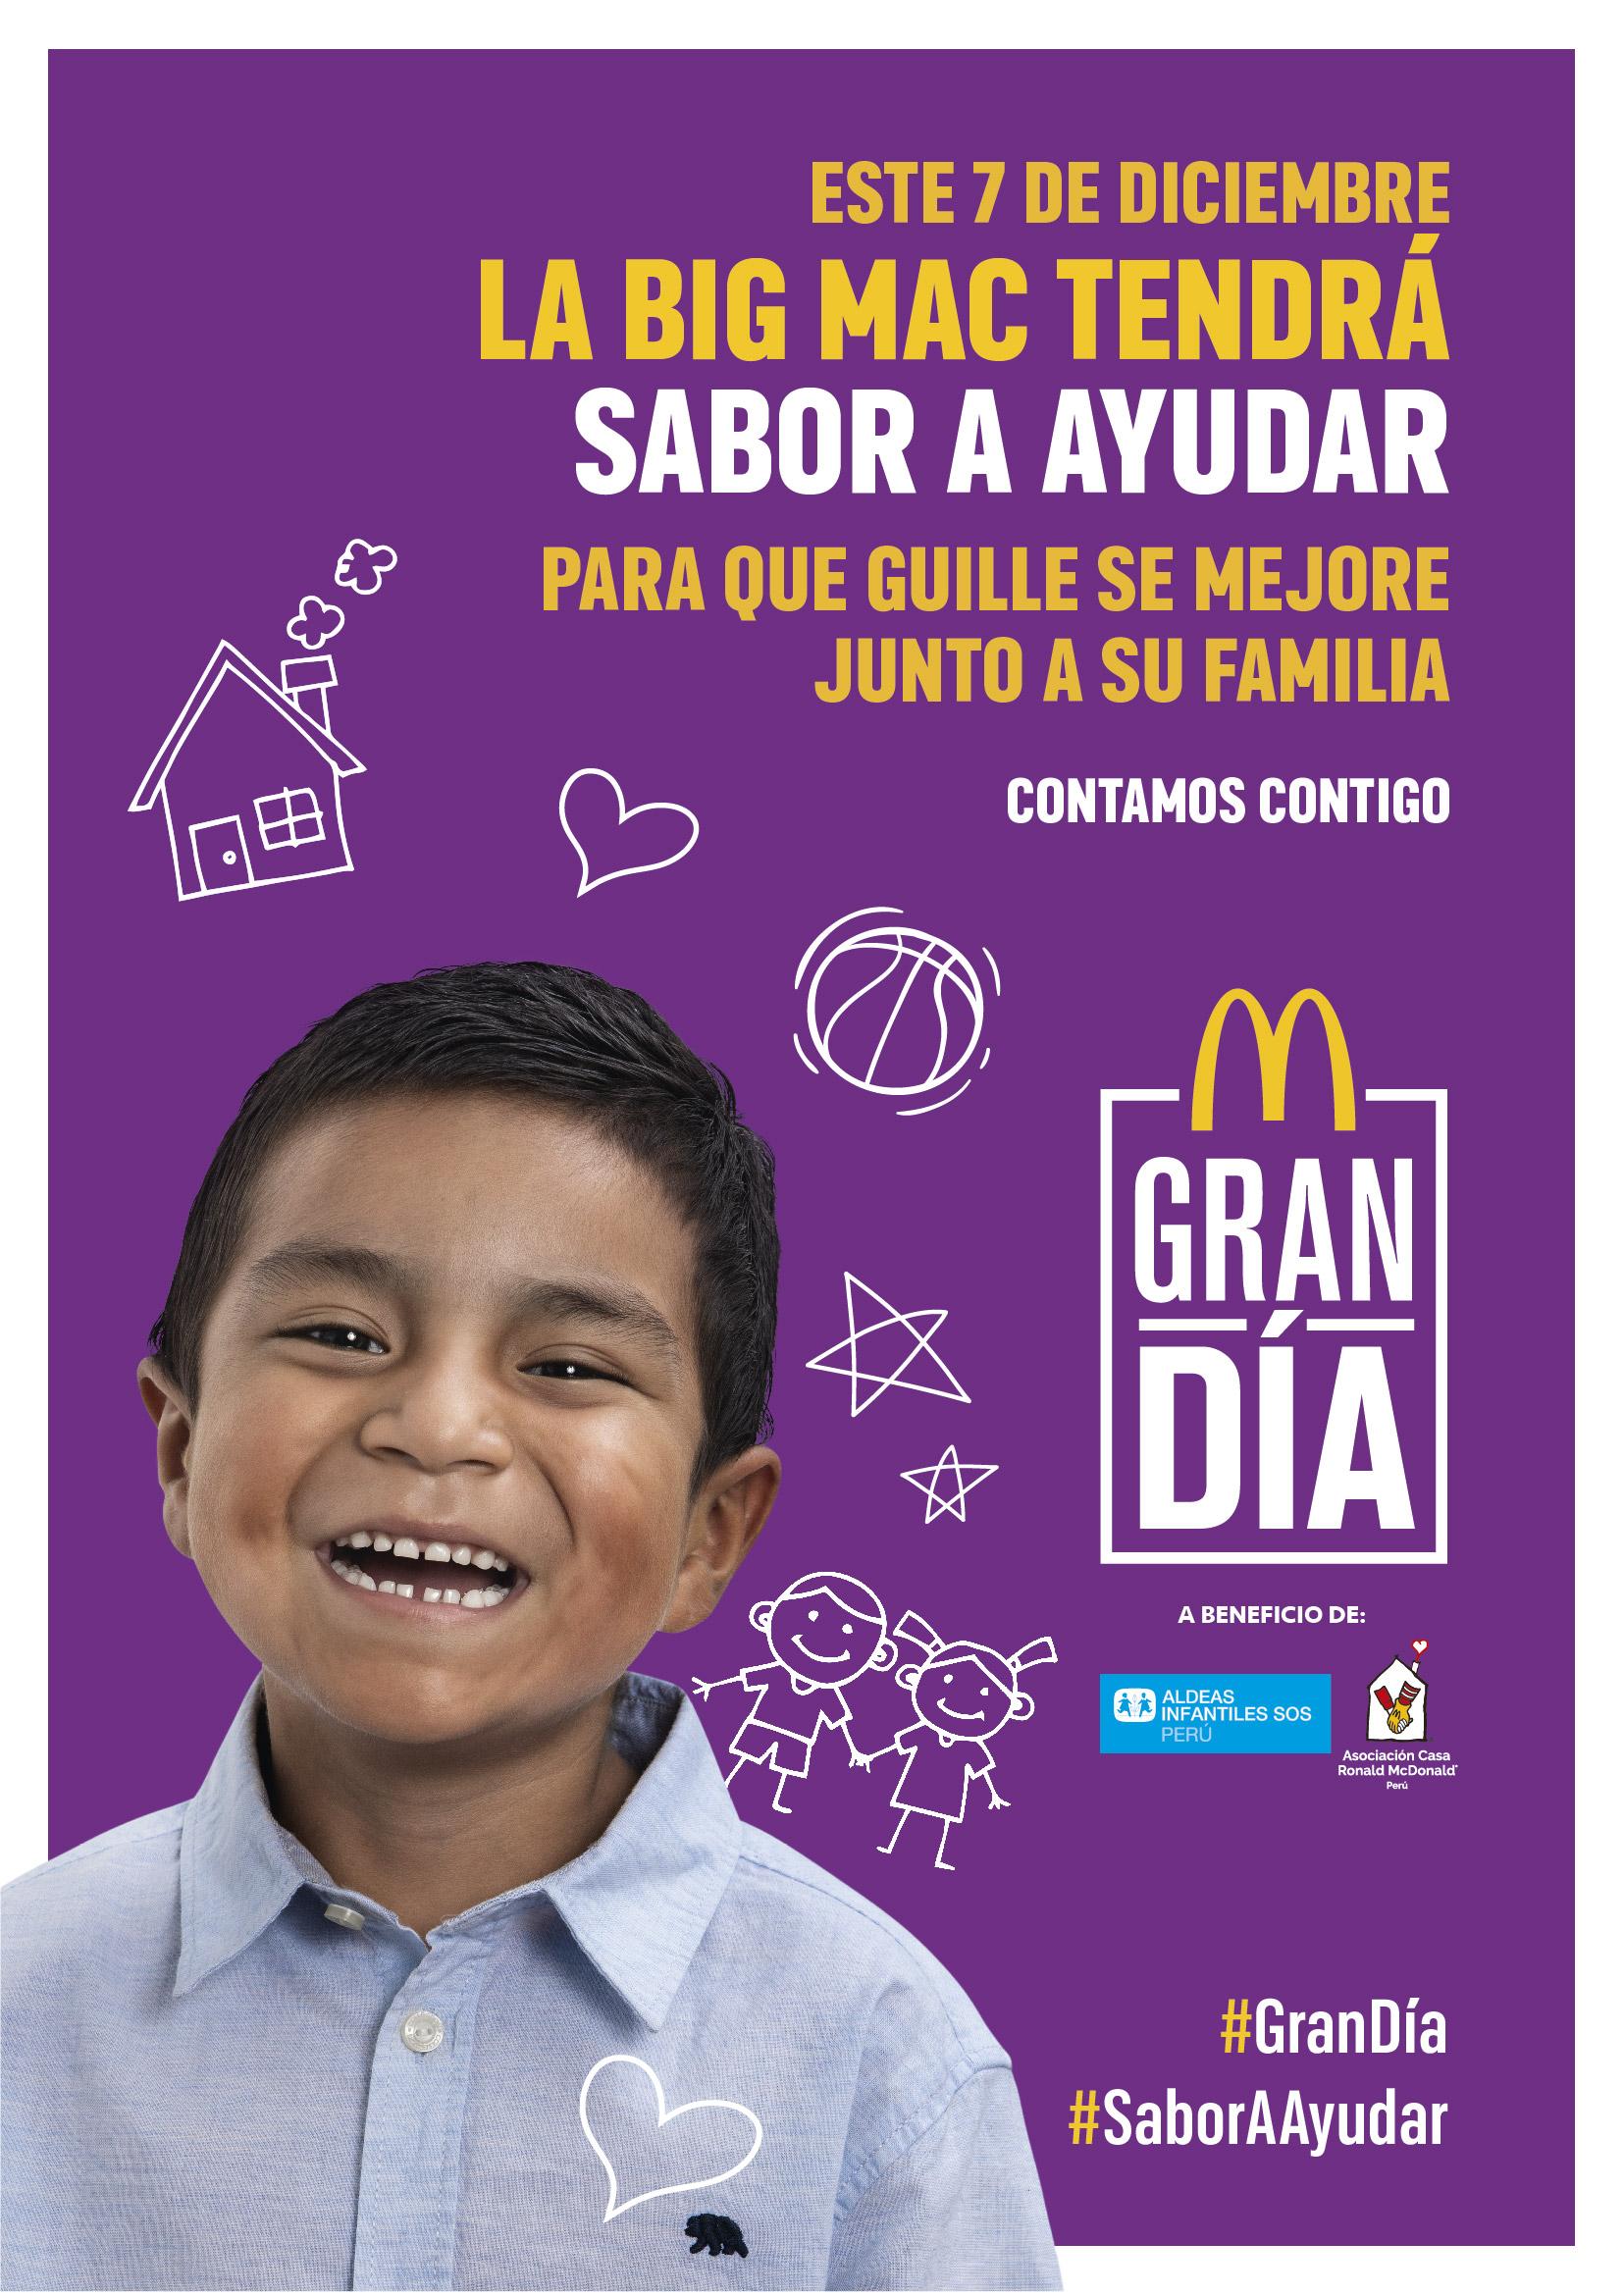 McDonald's donará las ventas de sus Big Mac en un Gran Día solidario